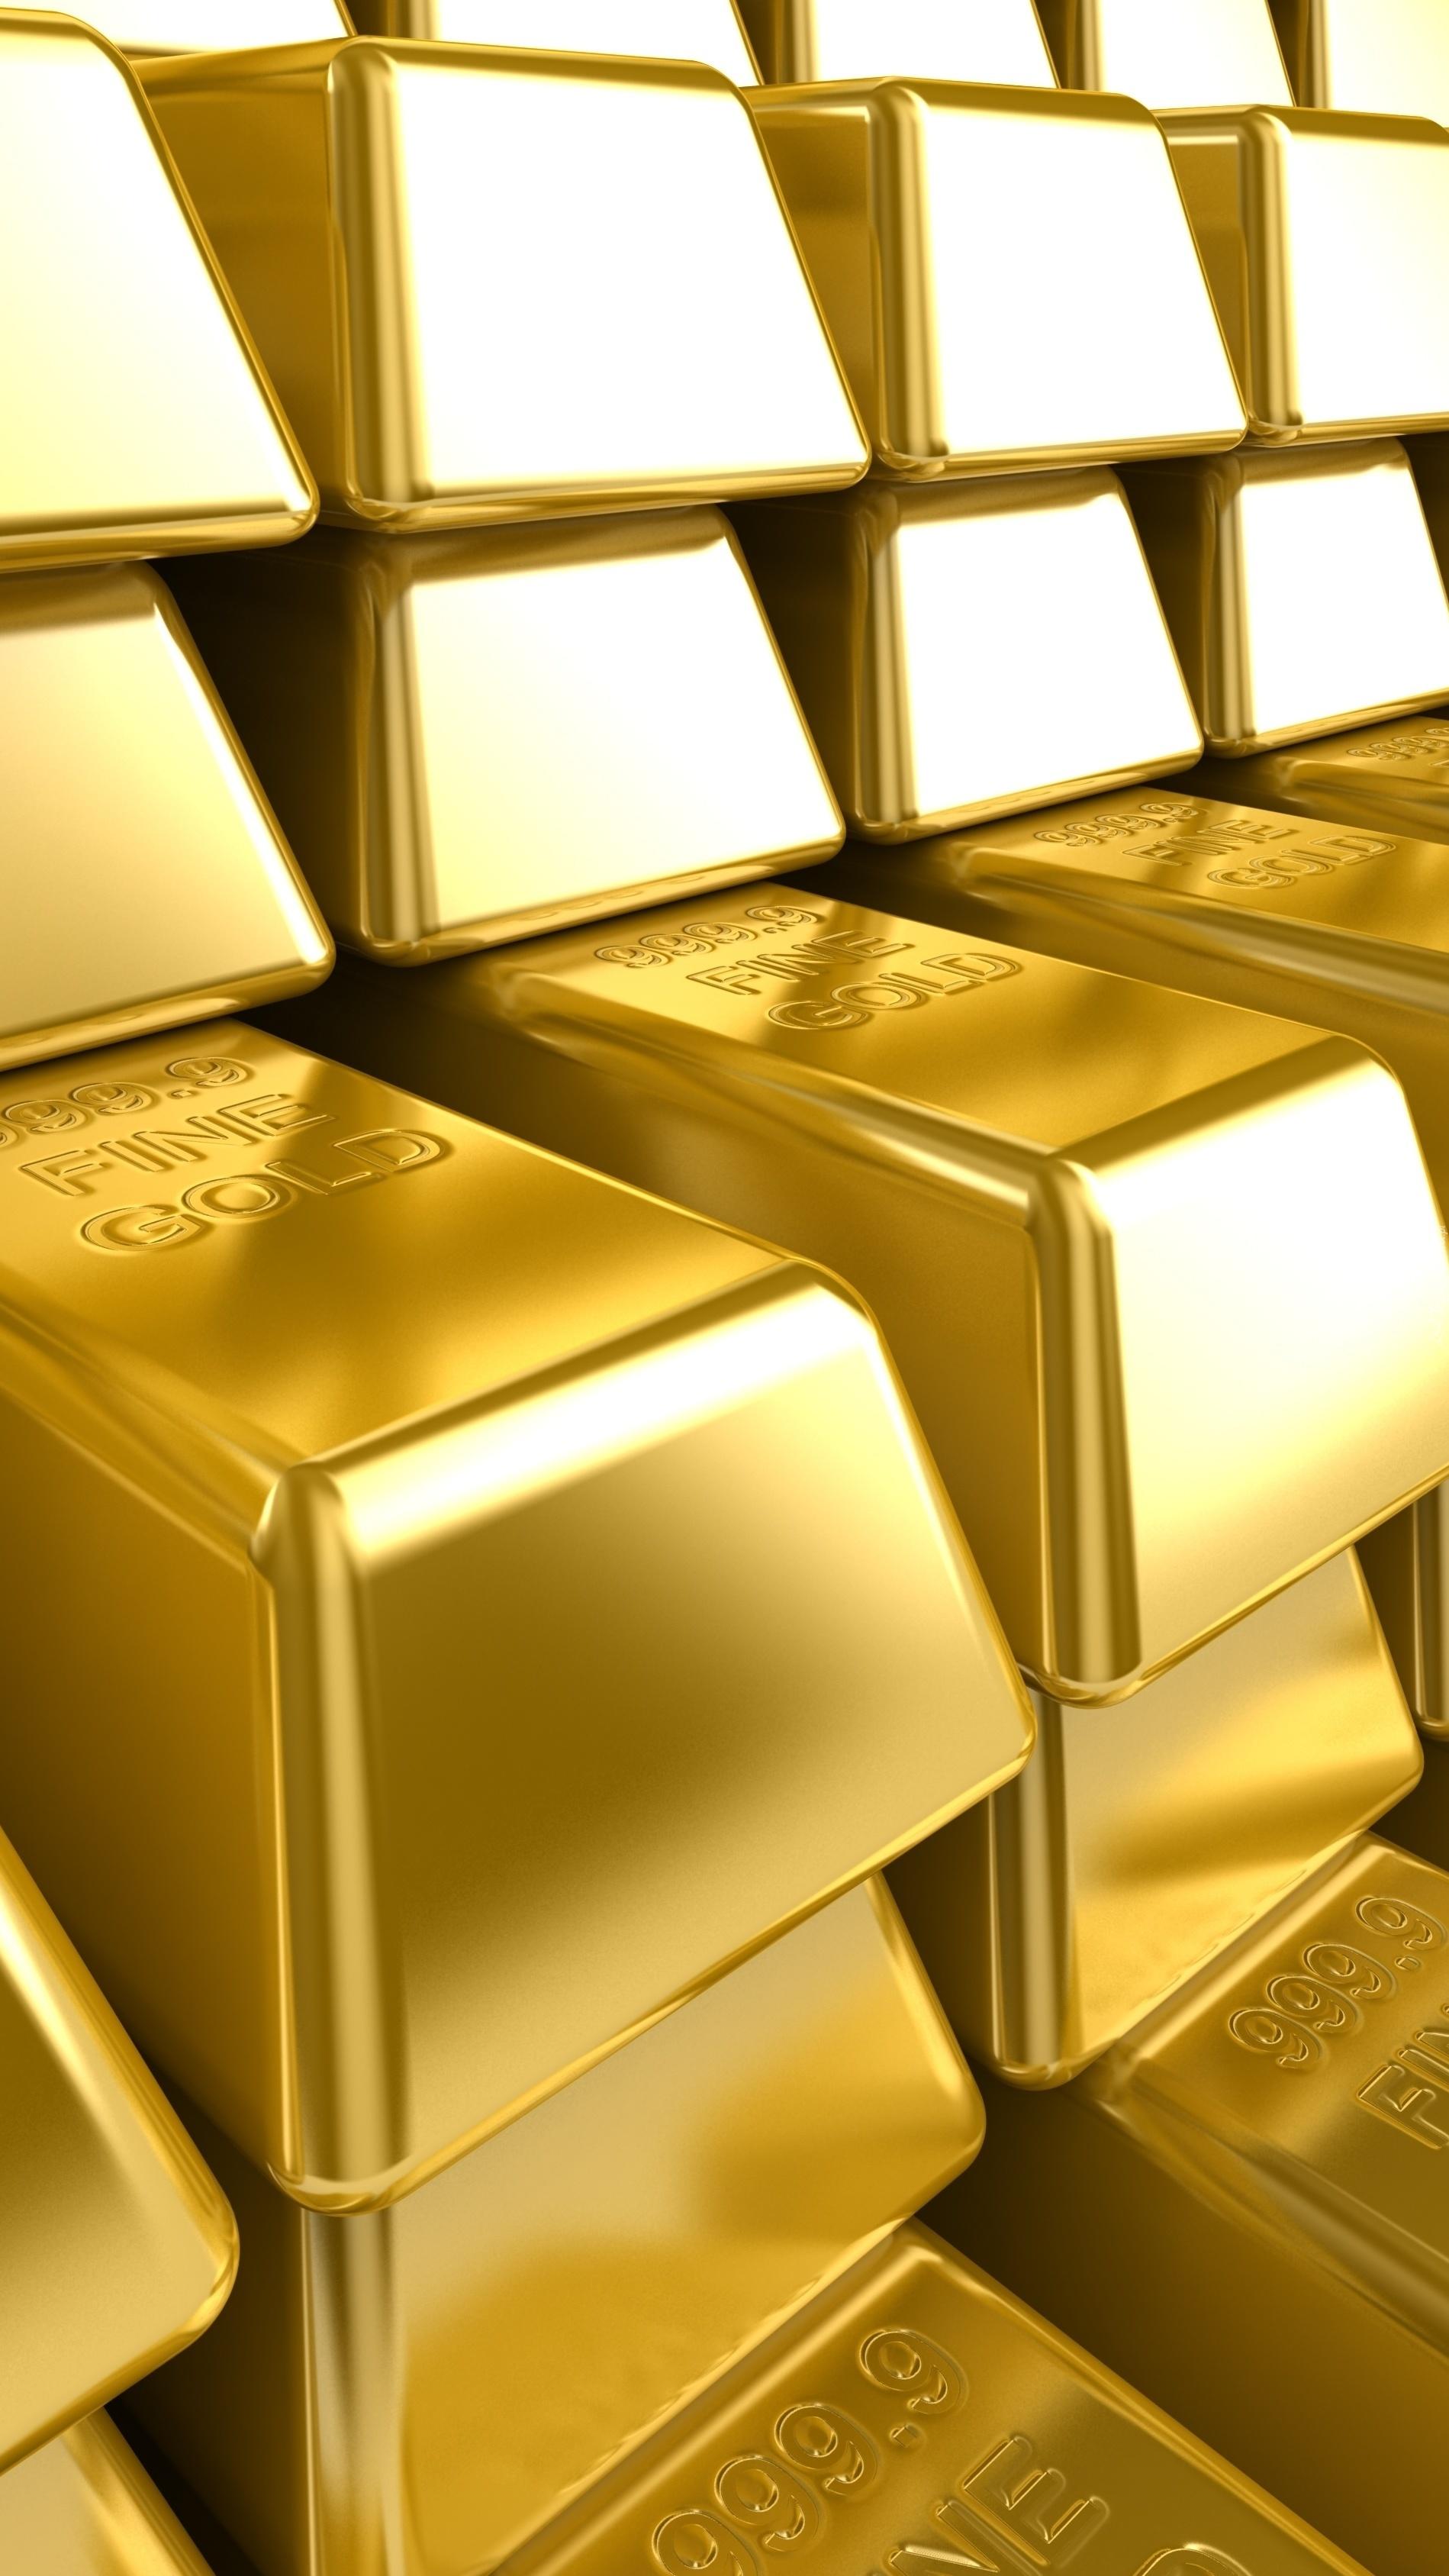 Złoto w sztabkach